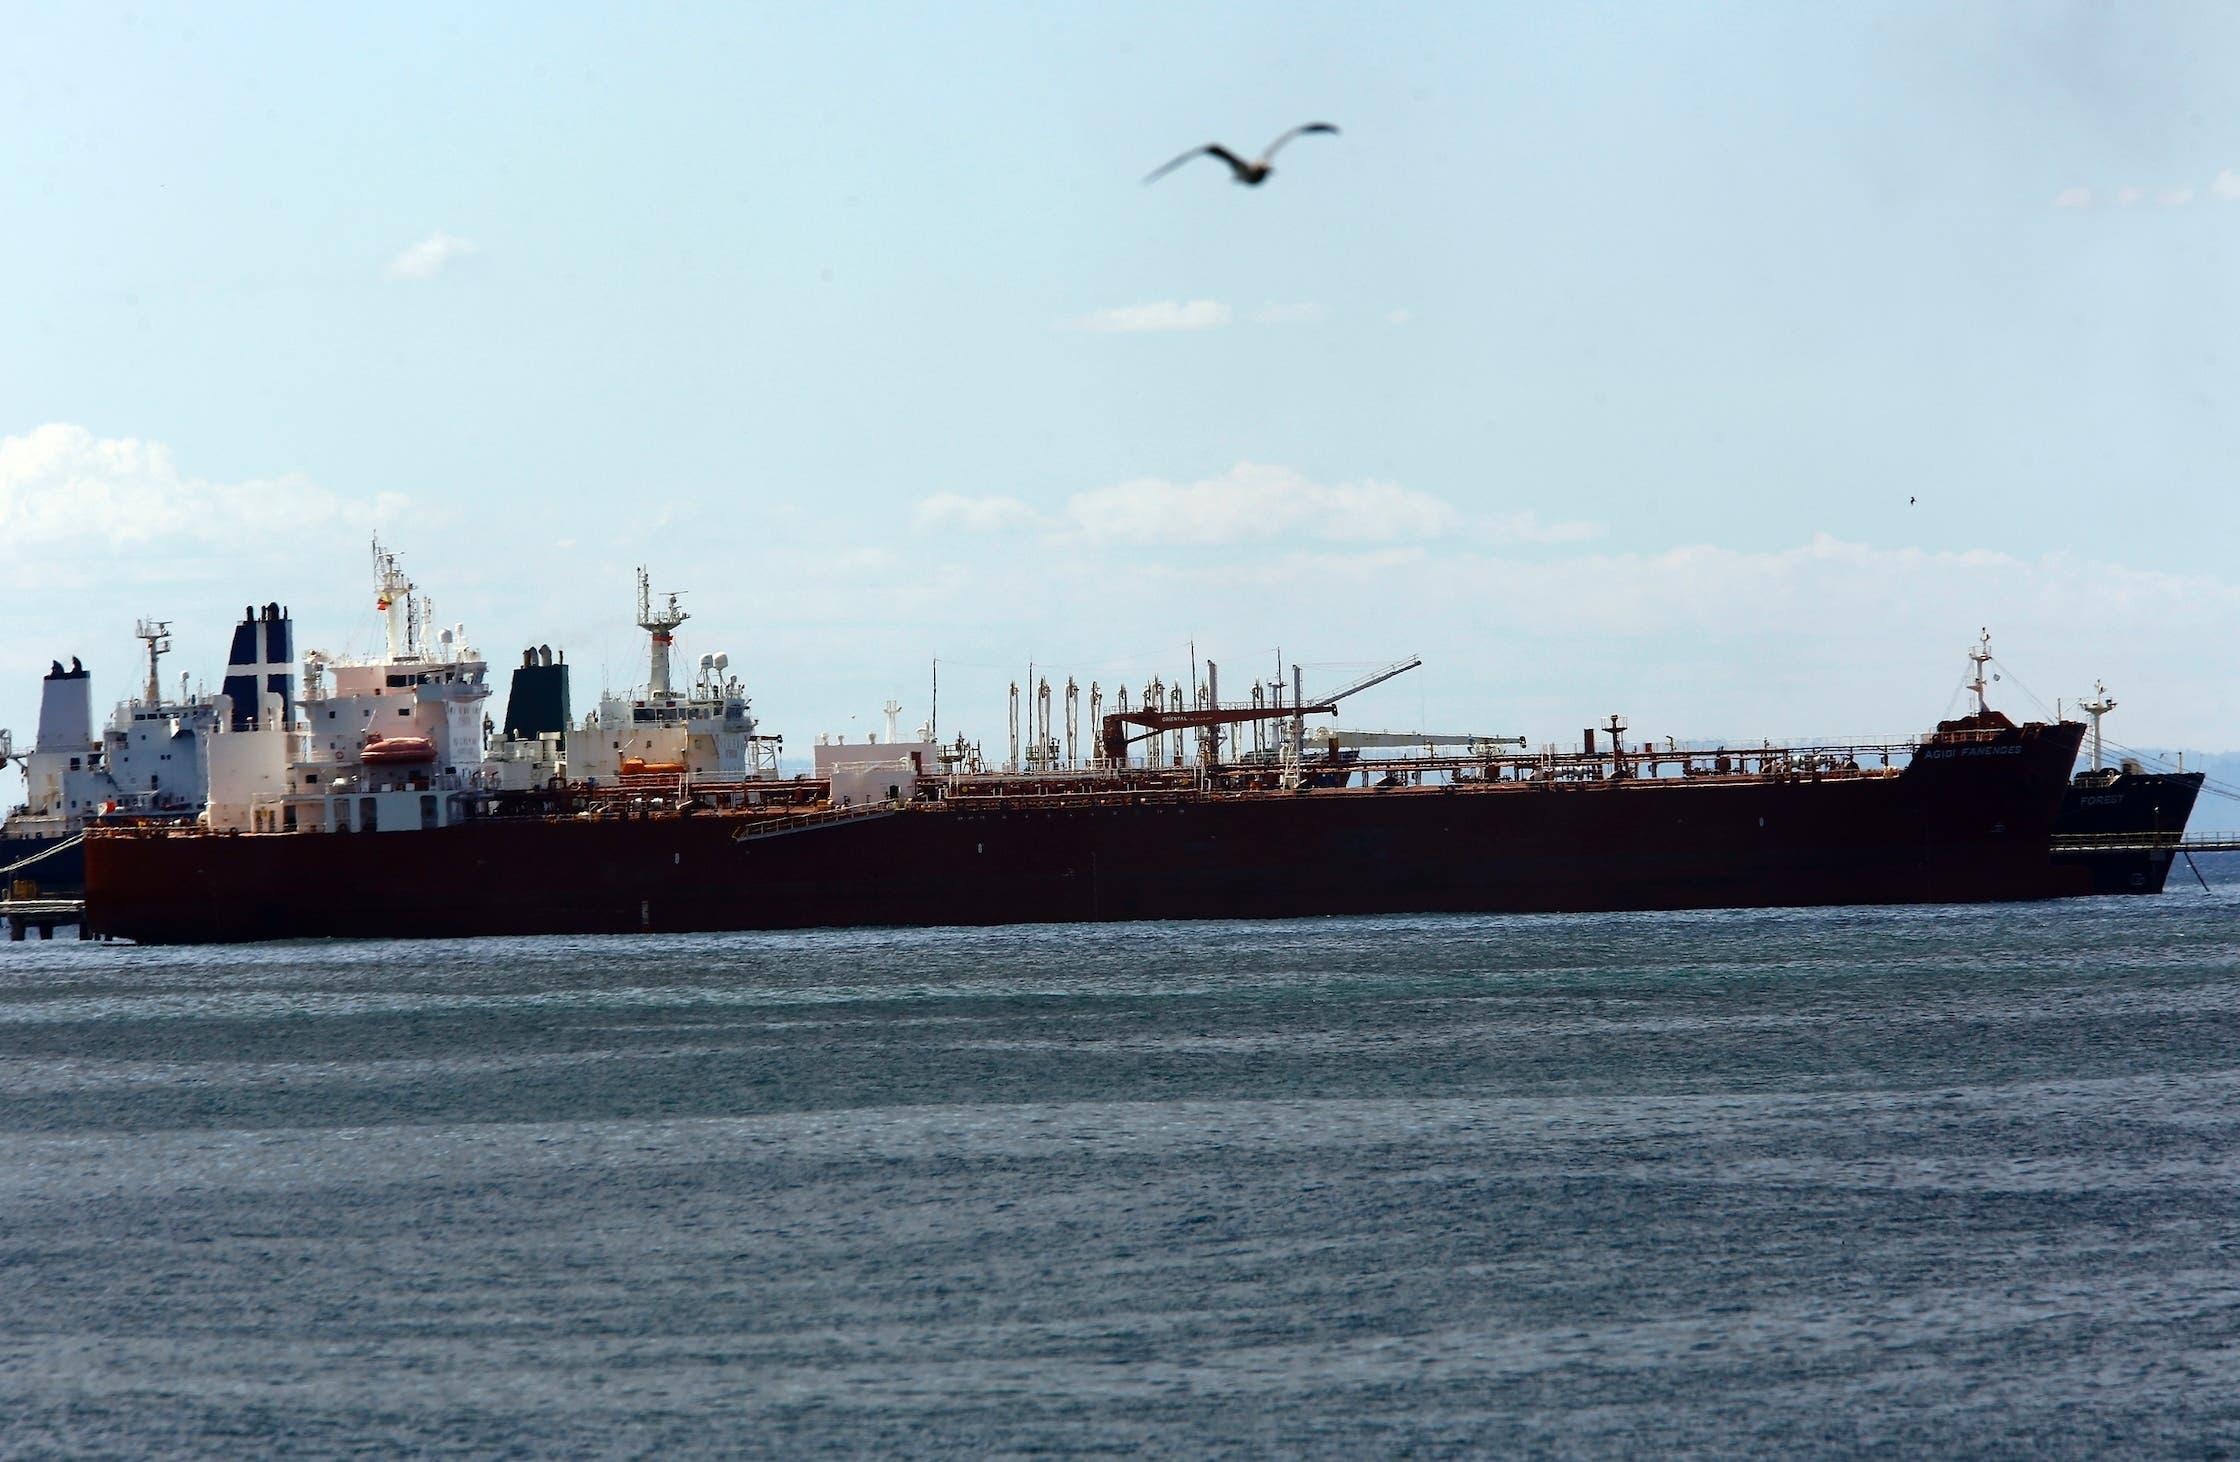 یک کشتی ایرانی در یکی از بنادر ونزوئلا